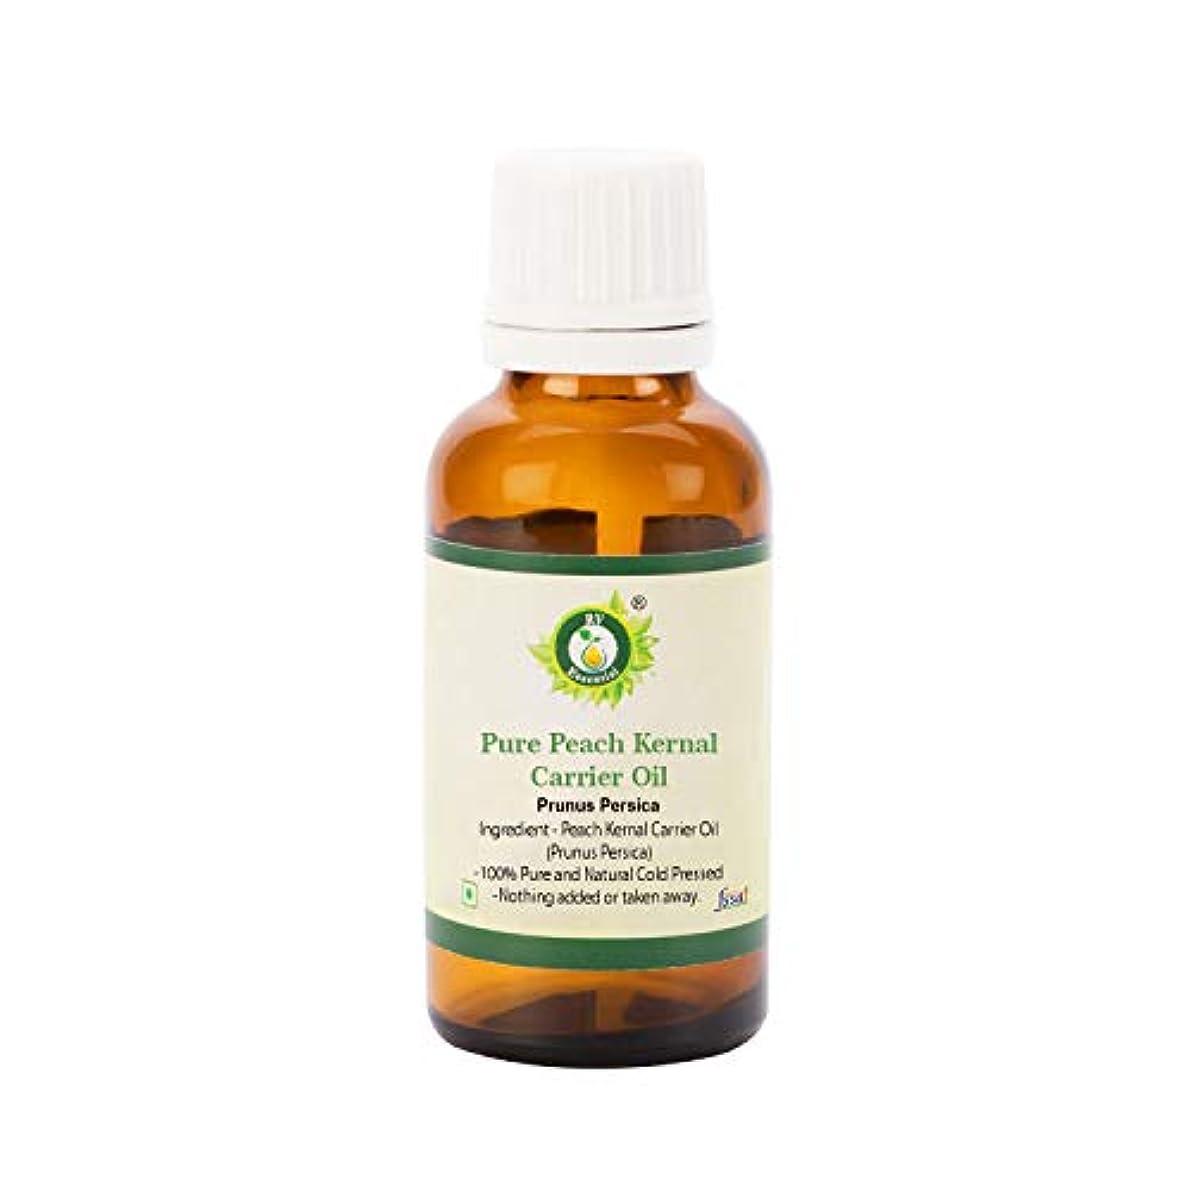 困難制限された一握りR V Essential ピュアピーチ Kernalキャリアオイル30ml (1.01oz)- Prunus Persica (100%ピュア&ナチュラルコールドPressed) Pure Peach Kernal Carrier...